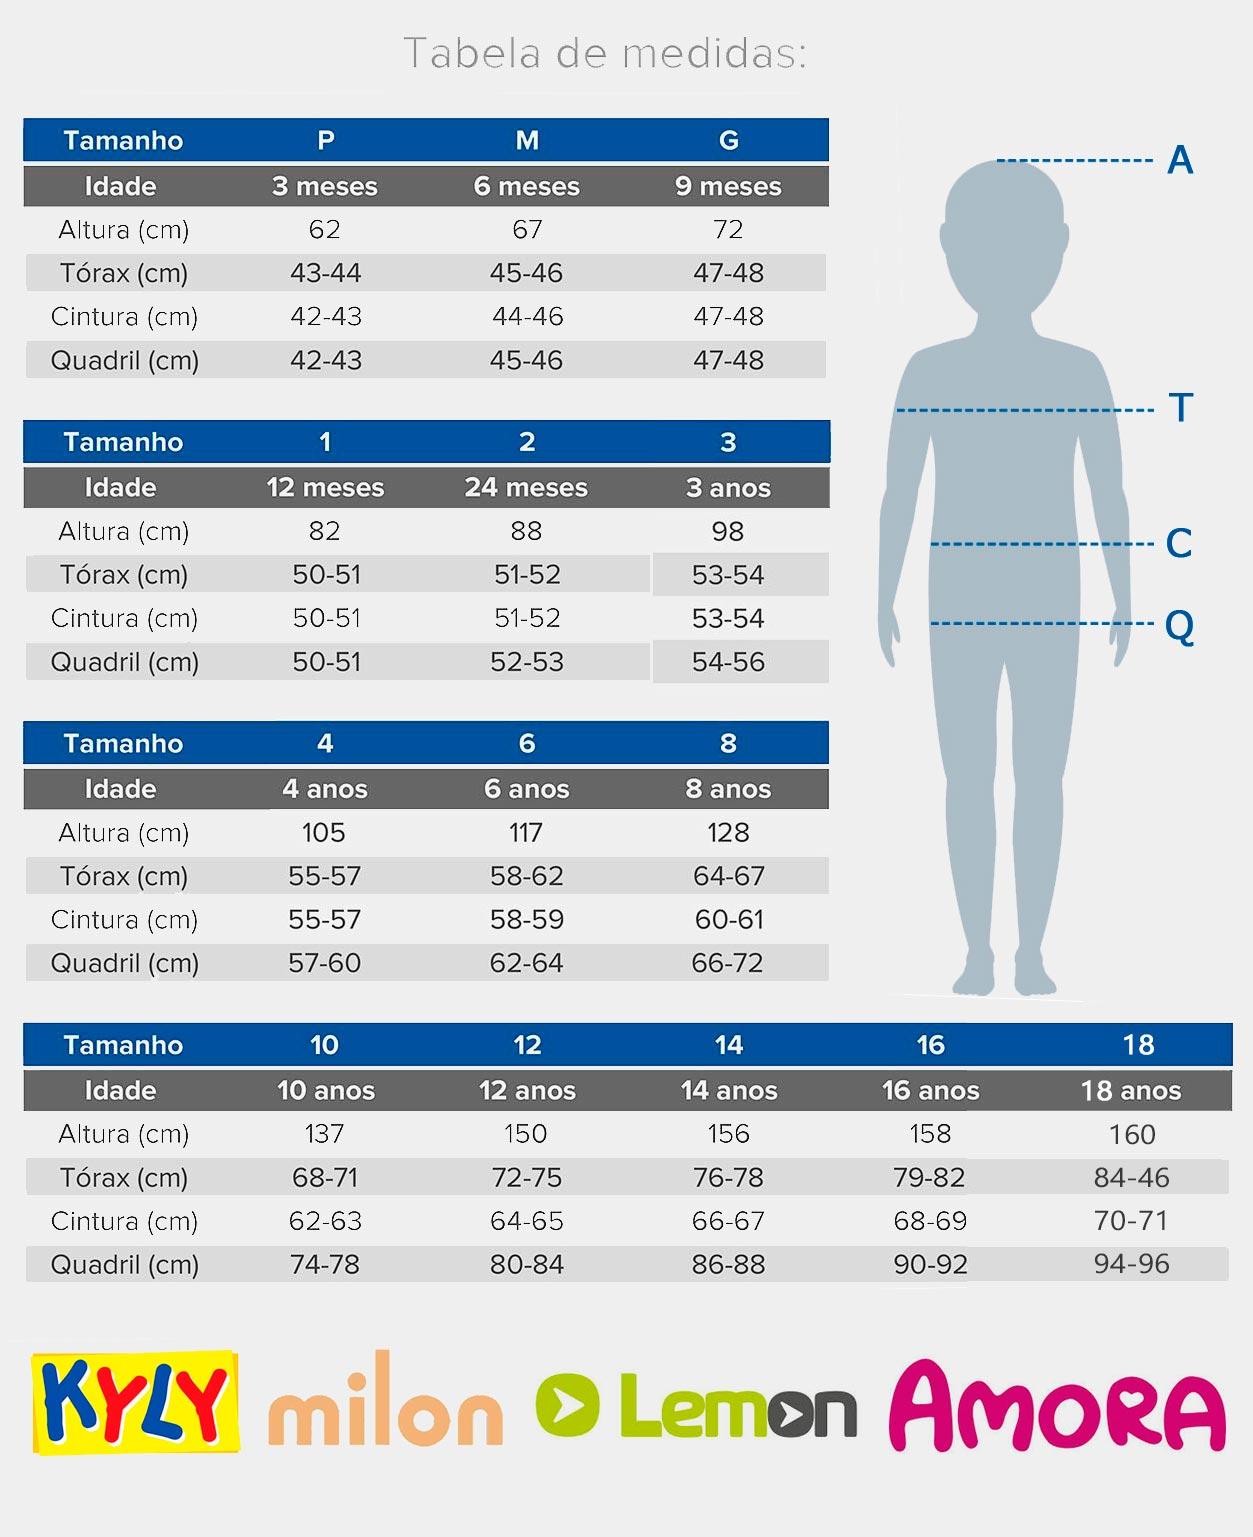 Pijama Infantil Feminino Inverno Mescla Cisne Kyly: Tabela de medidas